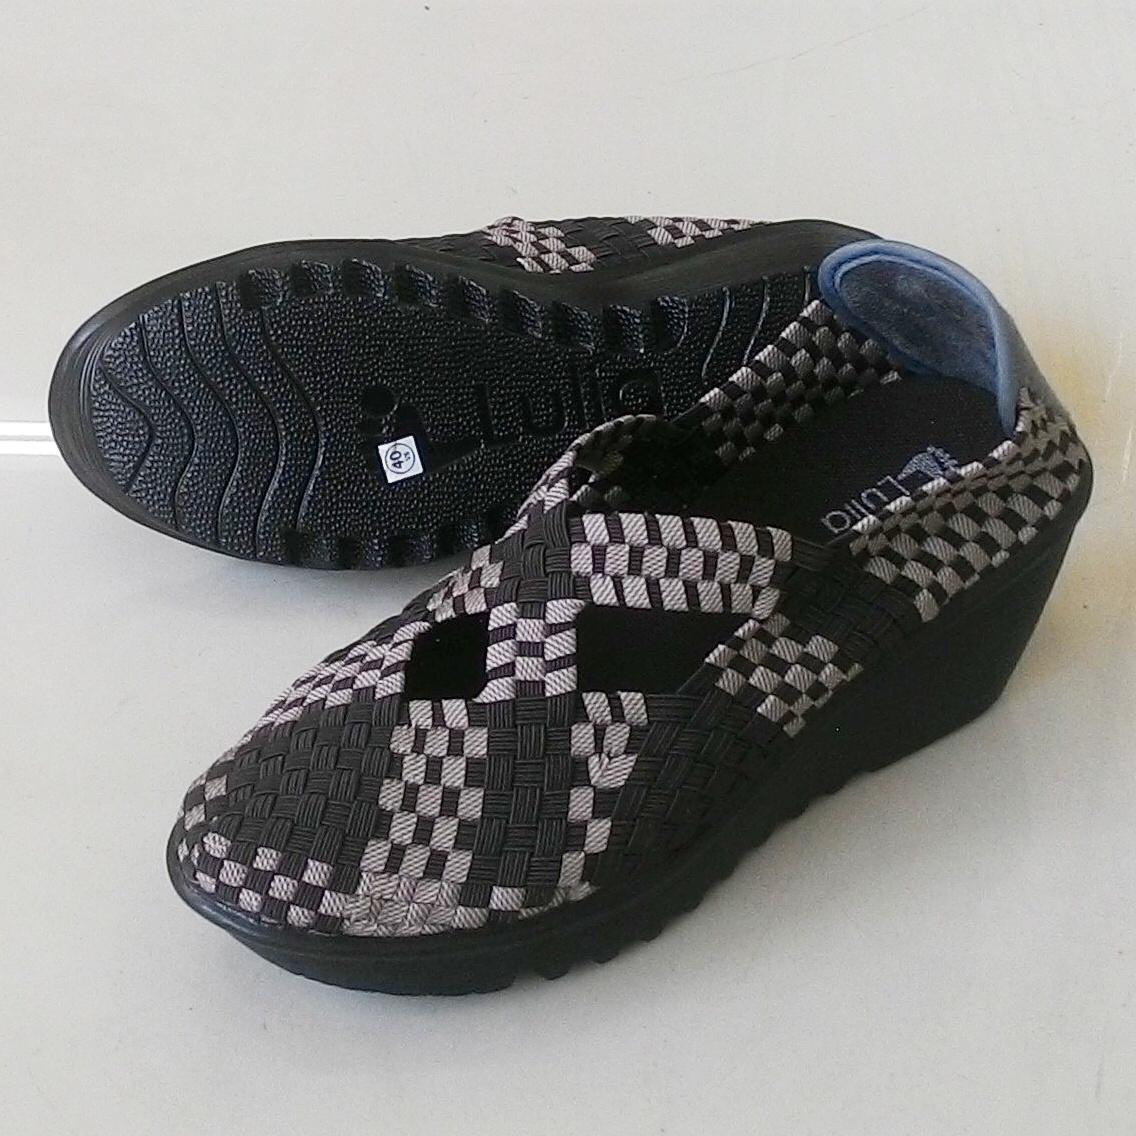 Multi Sepatu Wanita Anyaman Rajut Lulia Kiddo 016 Wedges Update Anyam Flat Include Box Semua Tipe